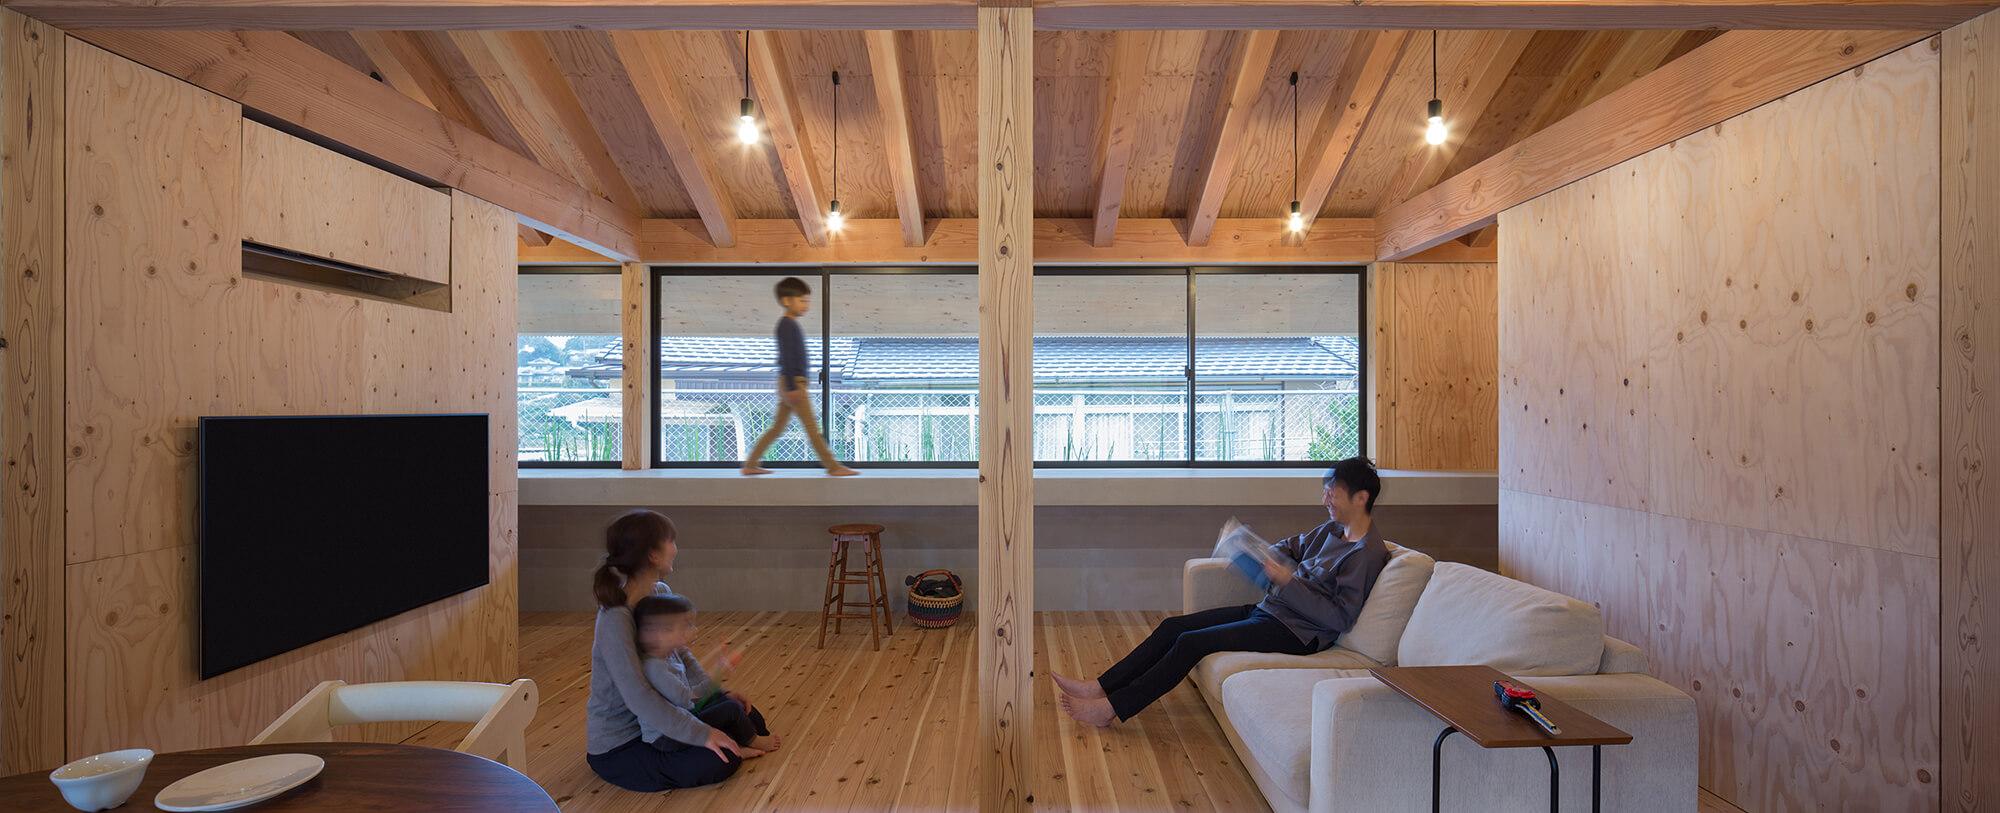 『大屋根の棲家』建築写真・竣工写真・インテリア写真15